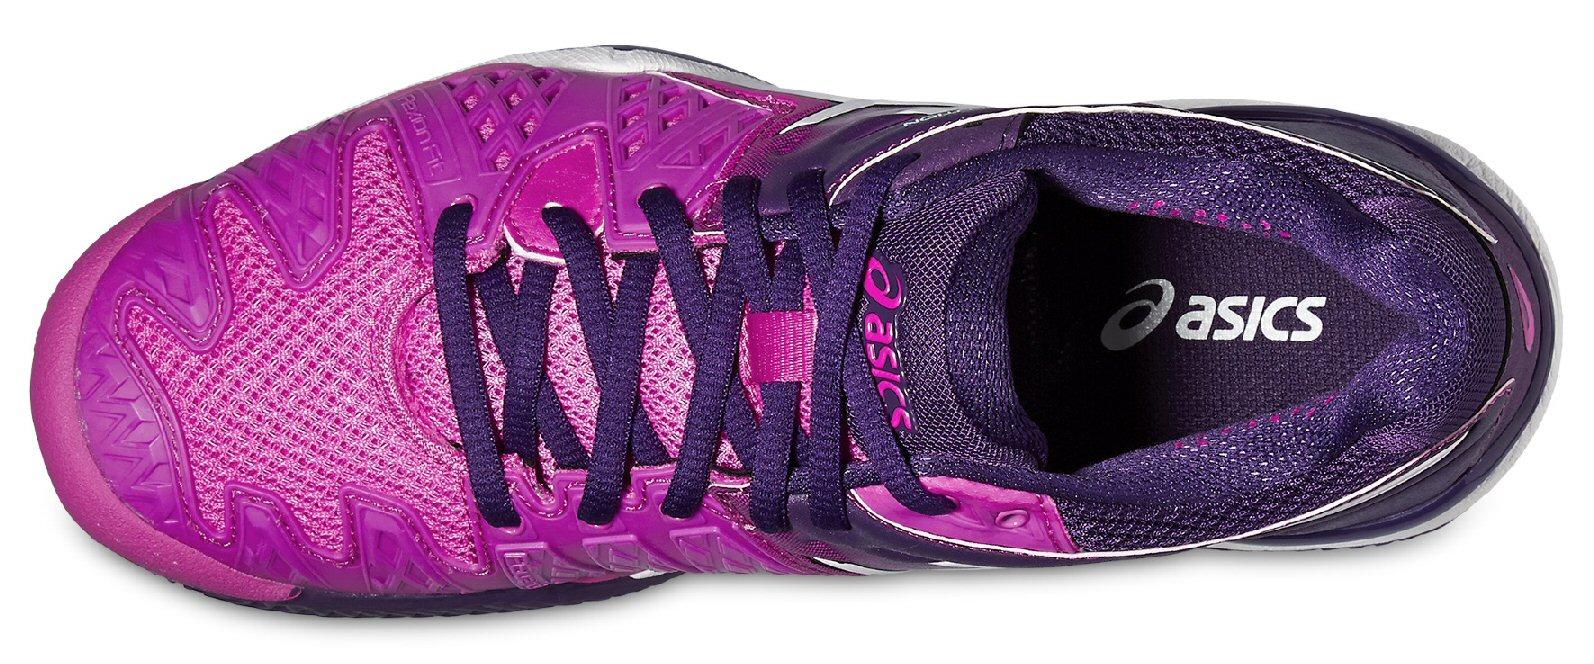 Asics Gel Resolution 6 Clay hotpinkpurple Tennisschuhe Damen